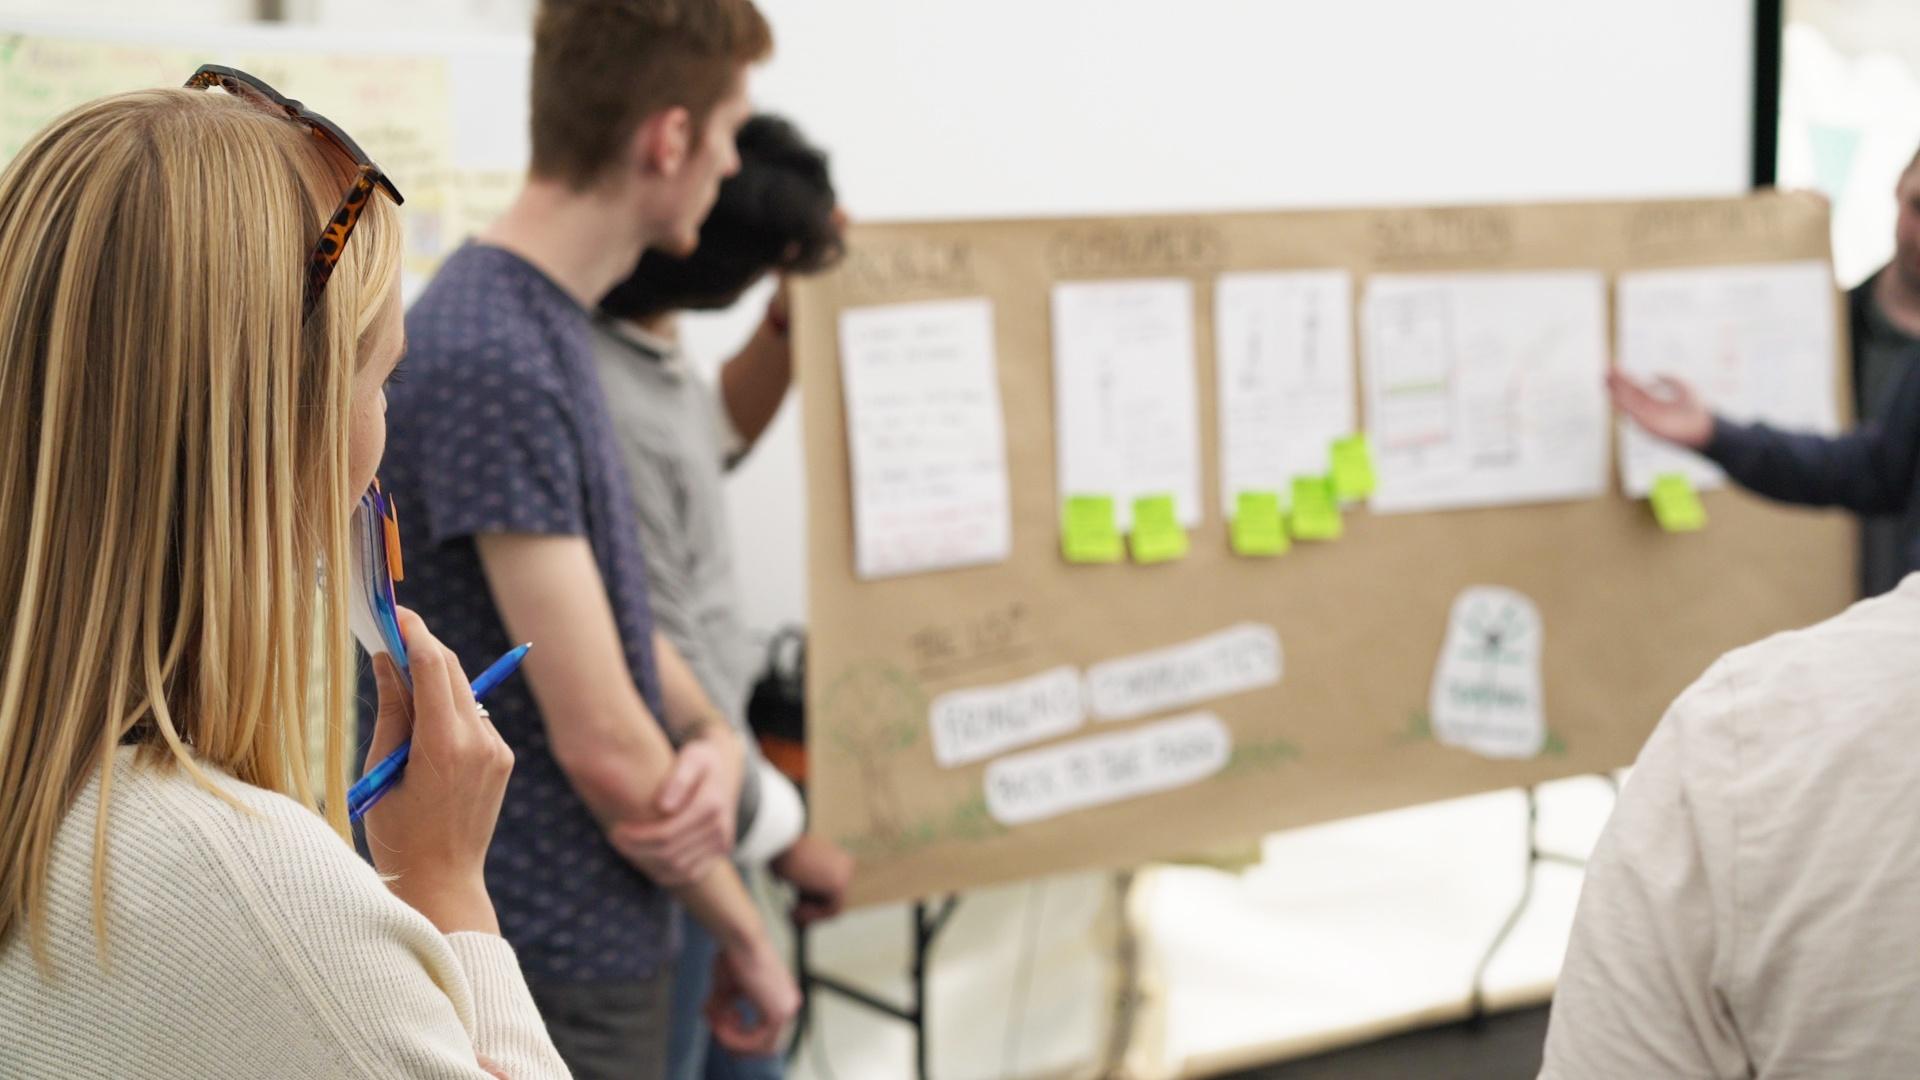 Hackathon at NHS for digital health startups